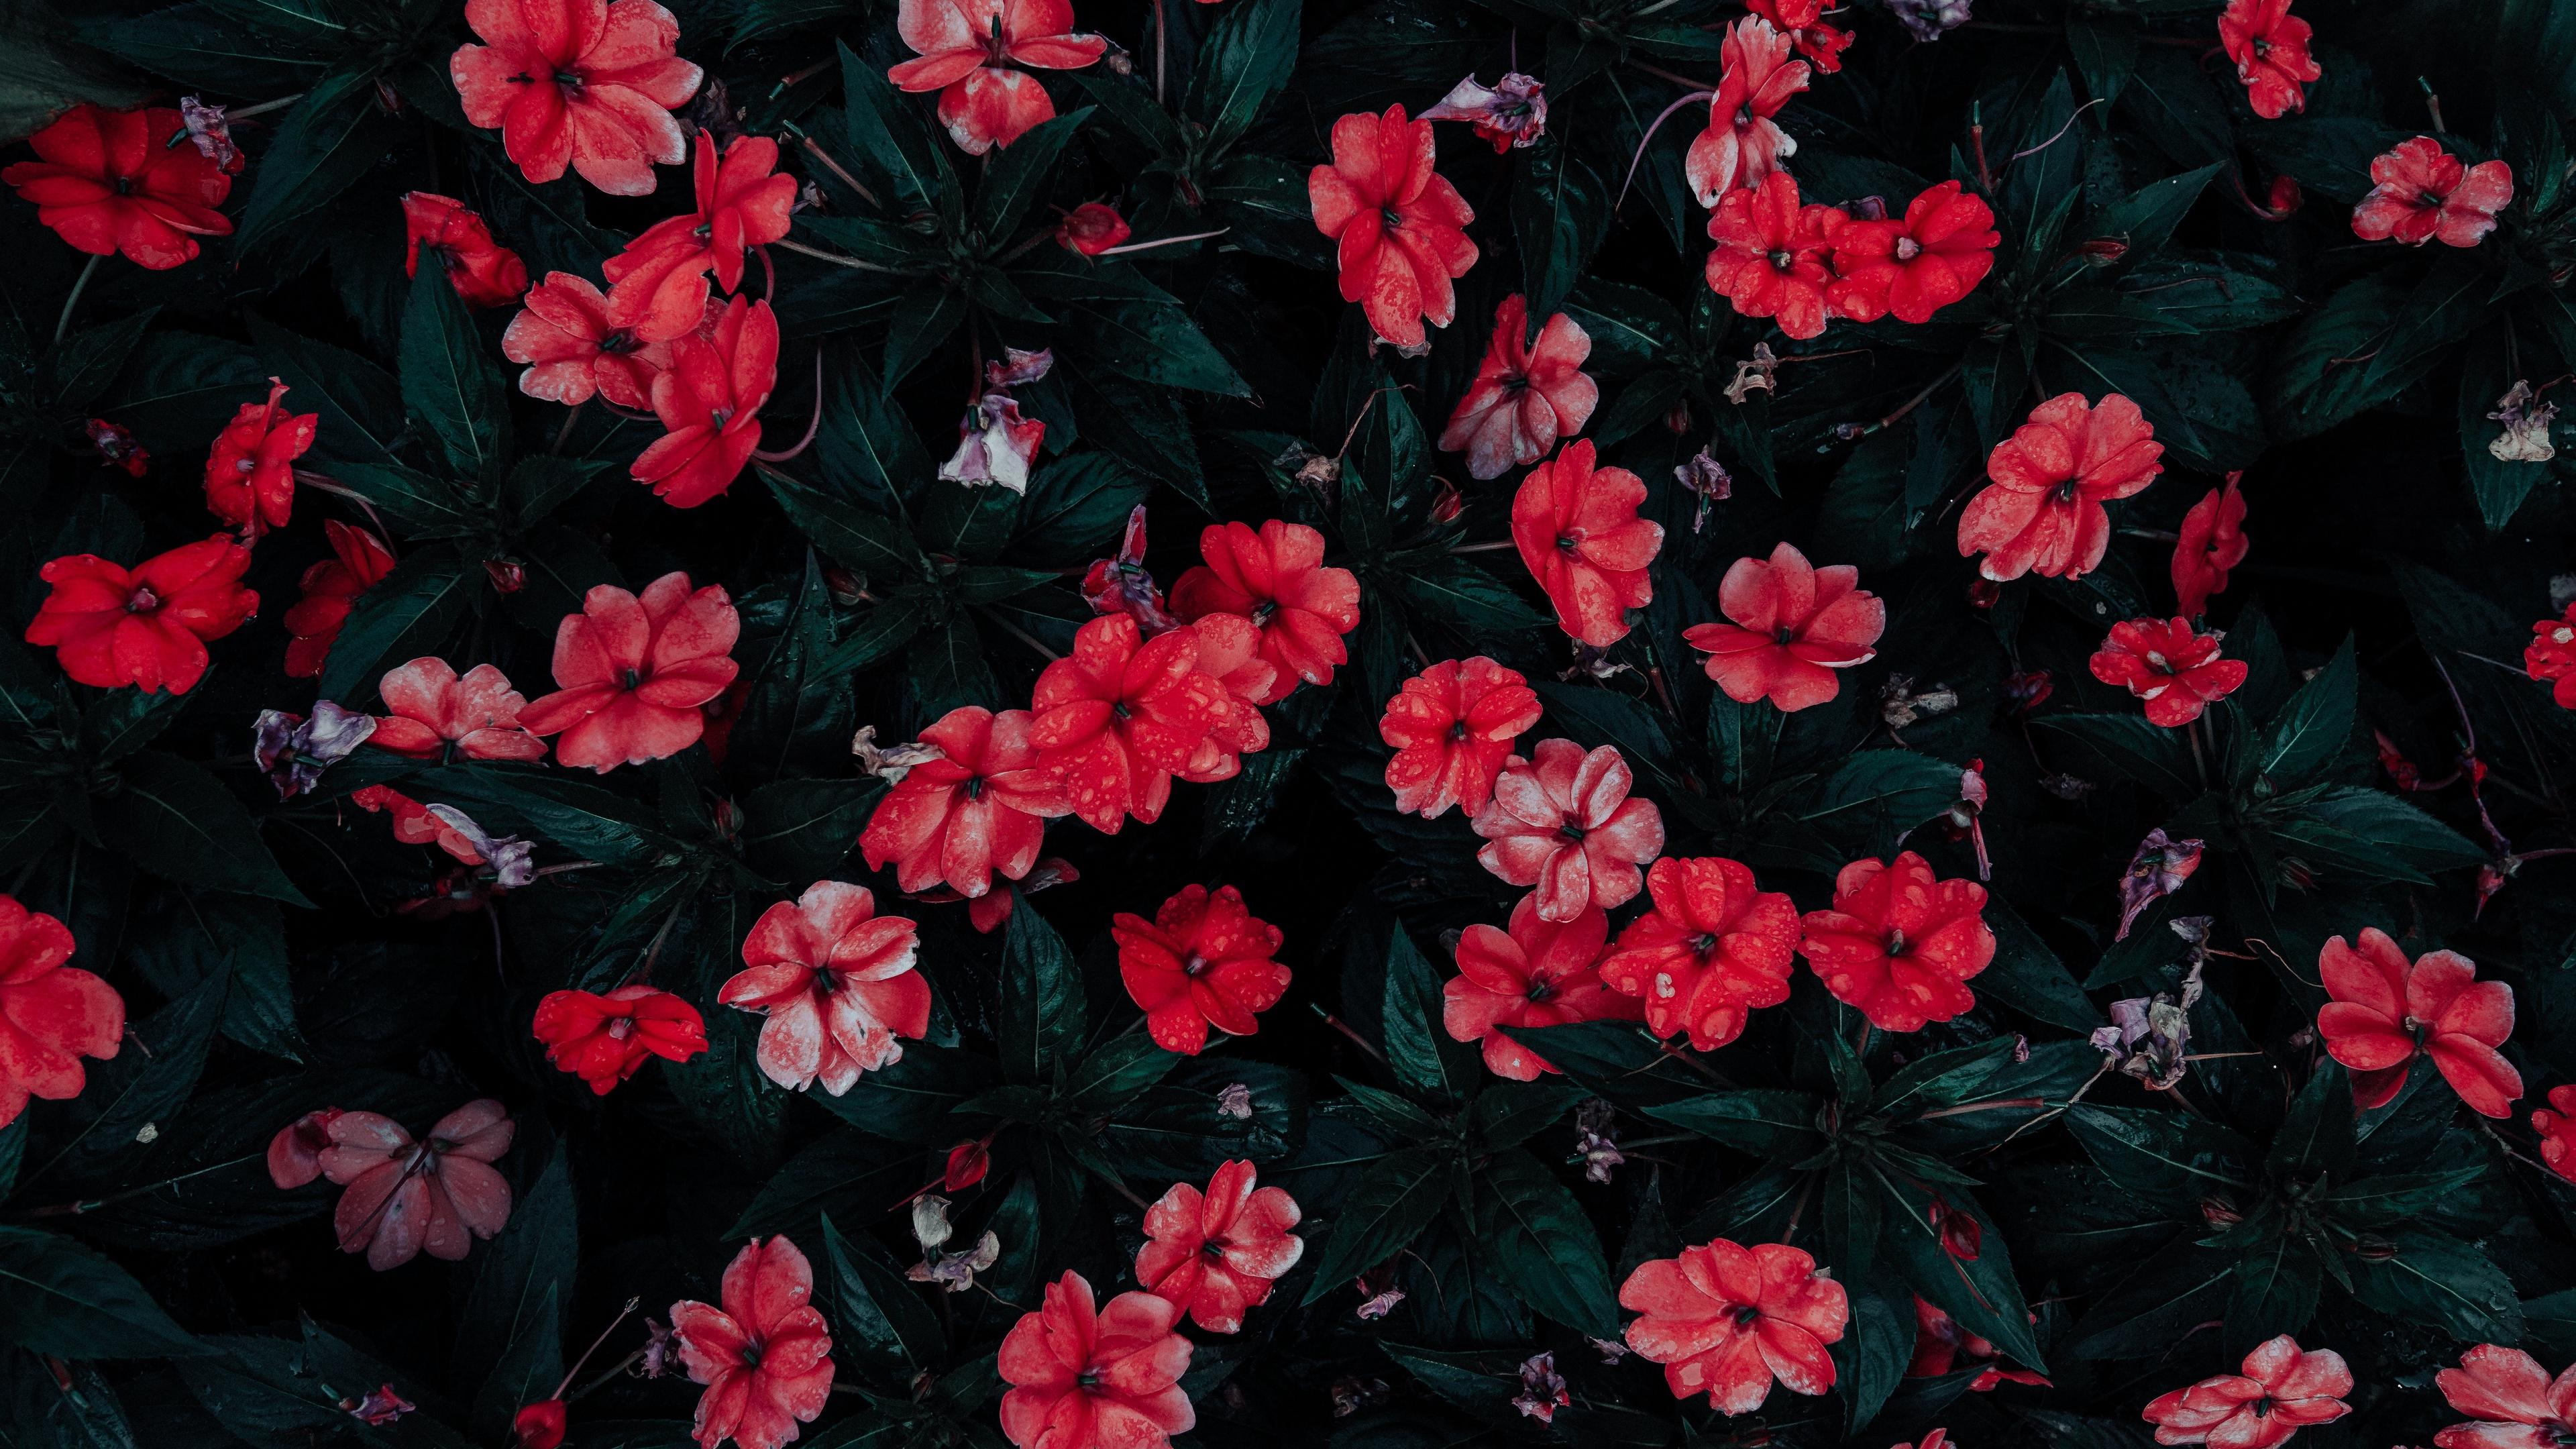 flowers drops red bloom flowerbed 4k 1540064912 - flowers, drops, red, bloom, flowerbed 4k - red, Flowers, Drops